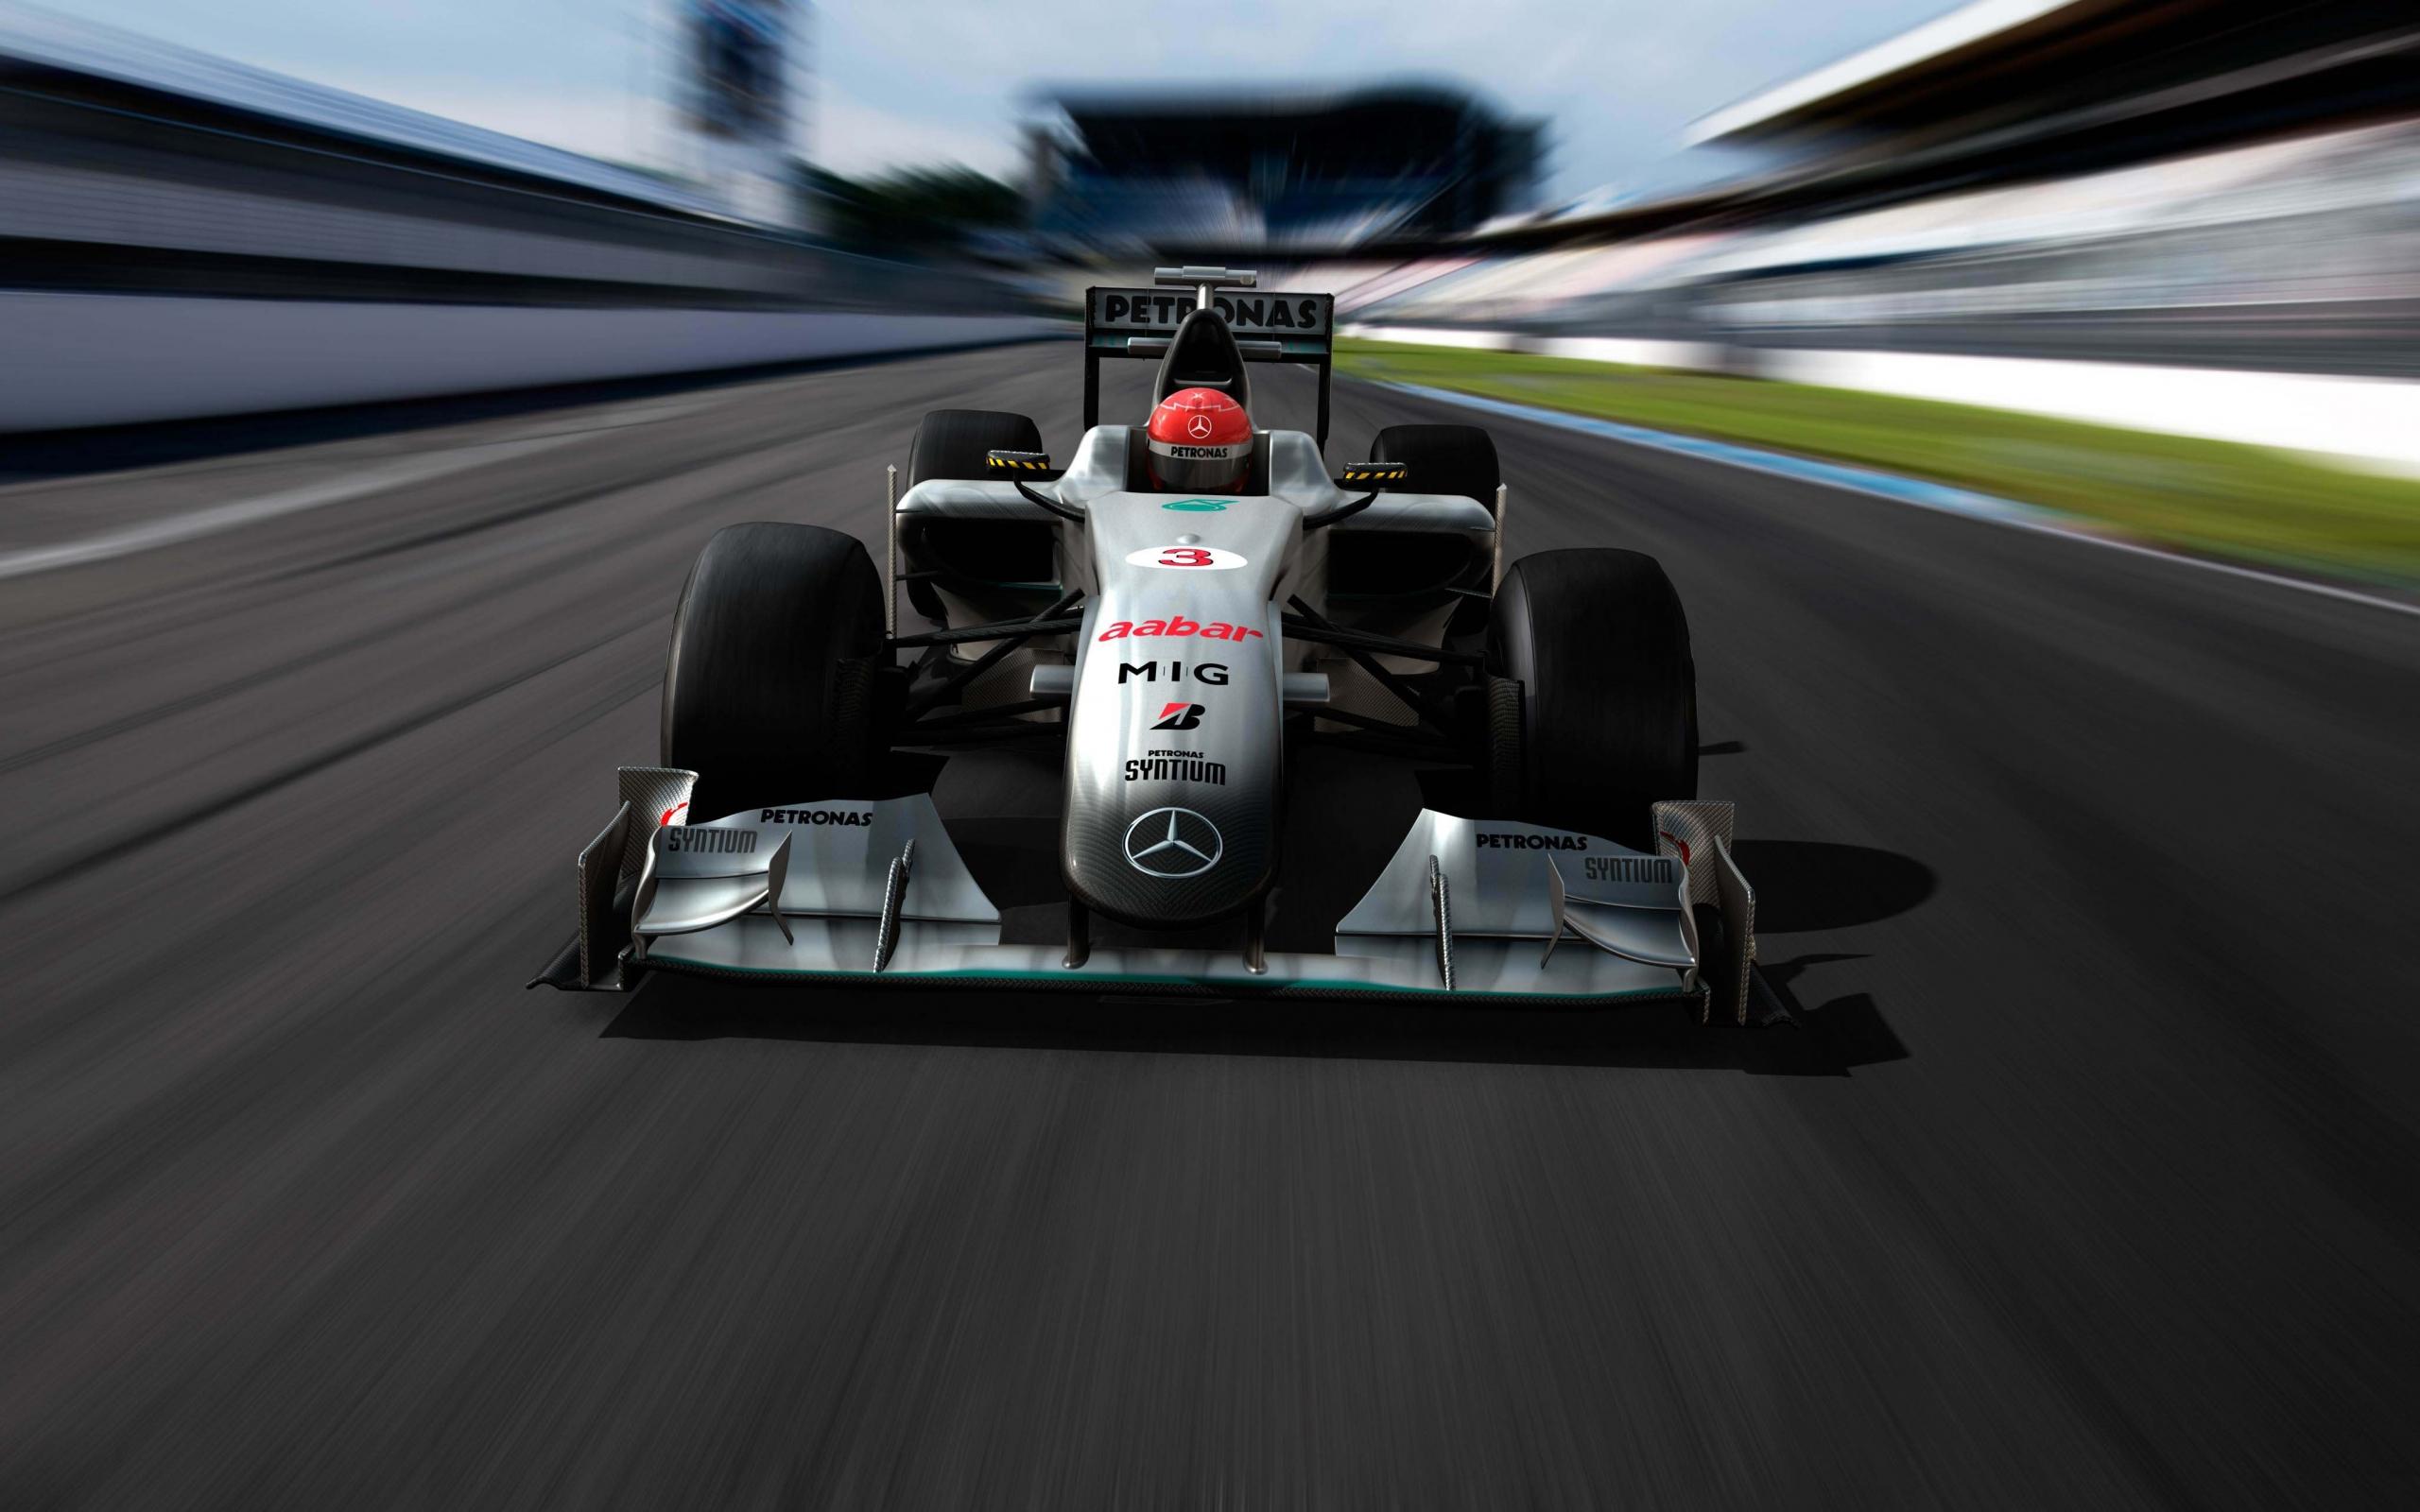 34913 скачать обои Спорт, Транспорт, Машины, Гонки, Формула-1 (Formula-1, F1) - заставки и картинки бесплатно